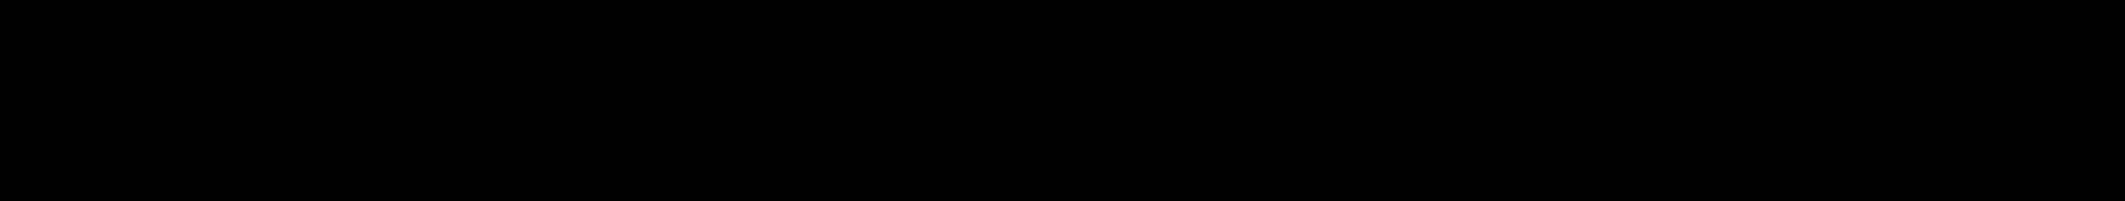 Sol Pro Condensed Light Italic